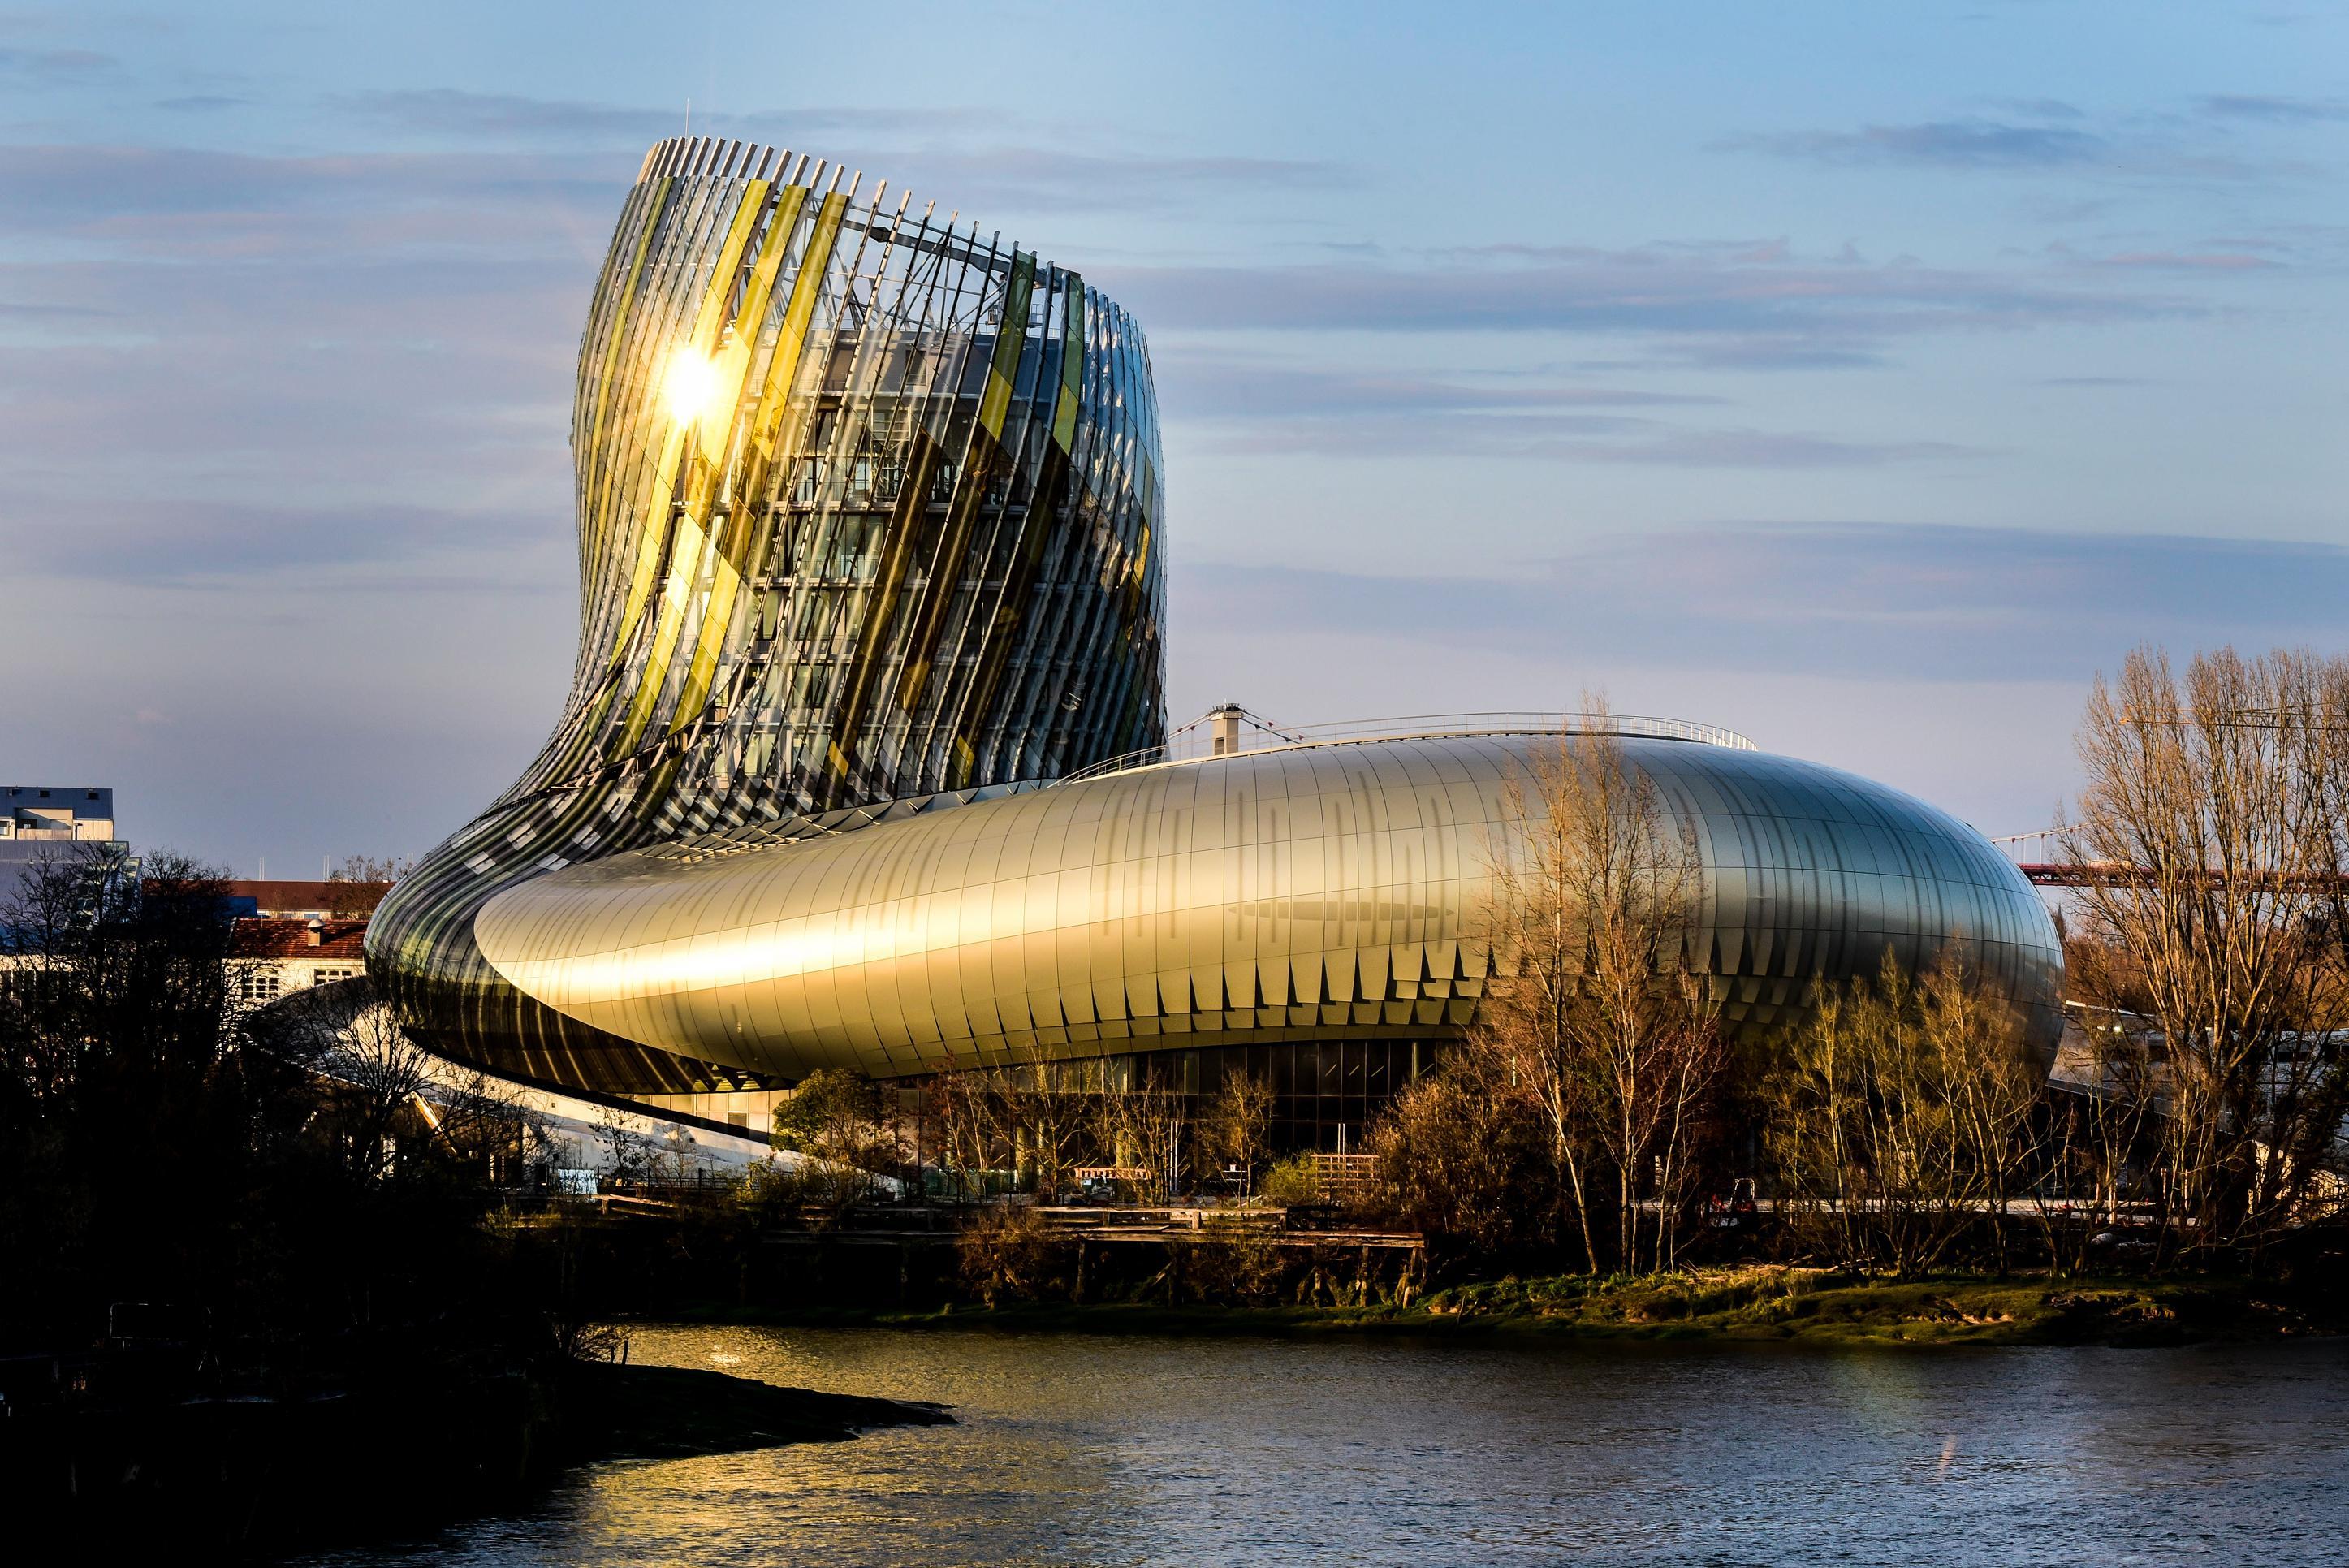 Au bord de la Garonne, la Cité du Vin un bâtiment à voir, à vivre, à visiter. Photo Anaka la Cité du Vin.